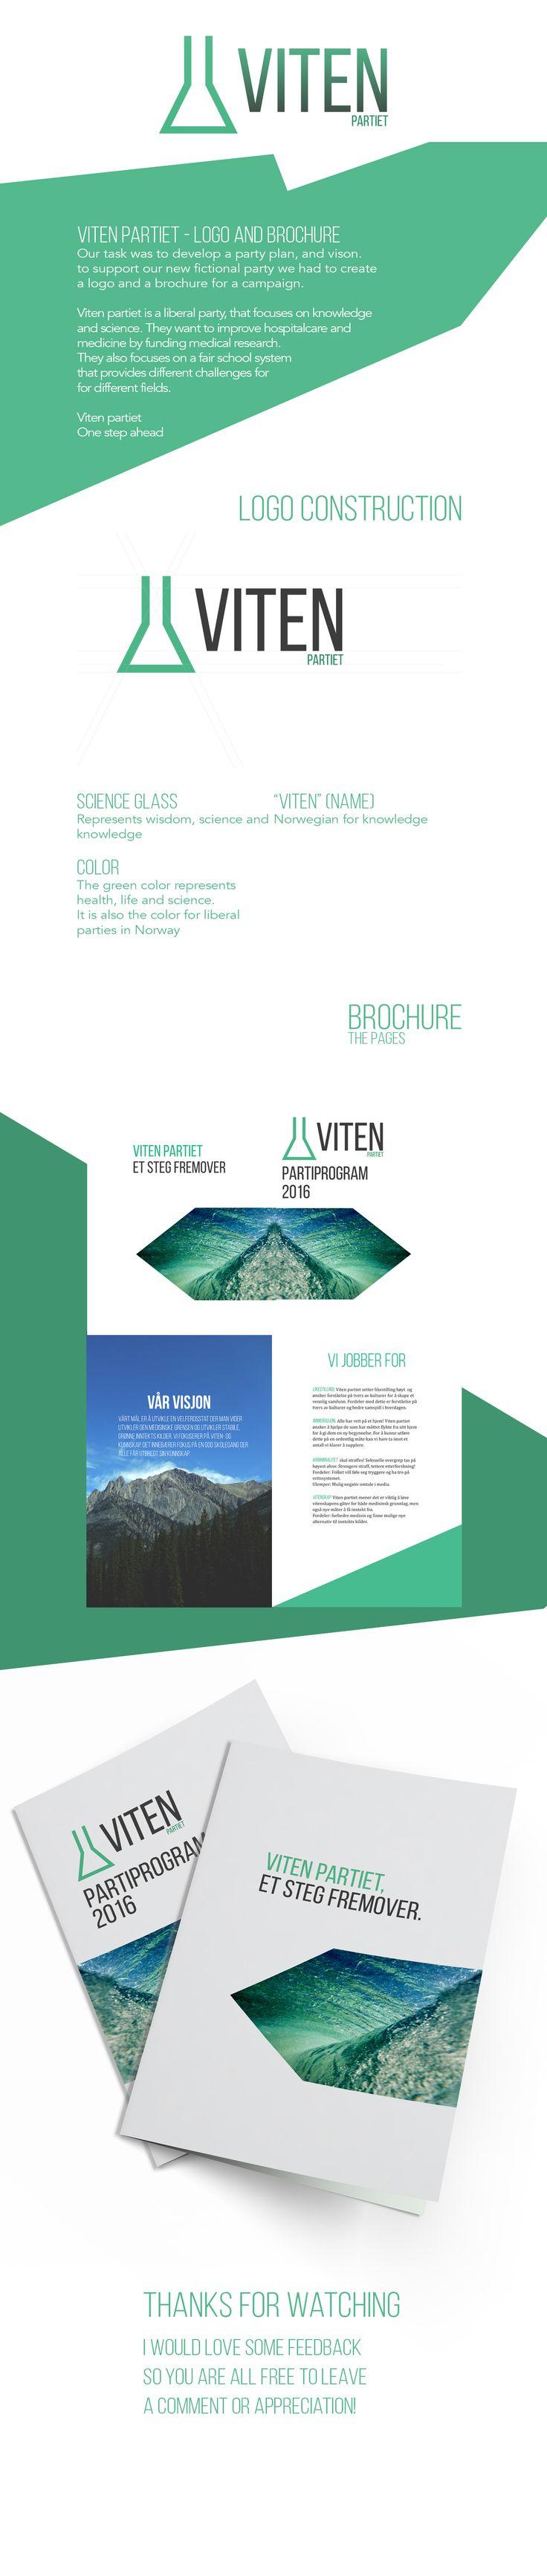 VITEN - Logo and Brochure on Behance